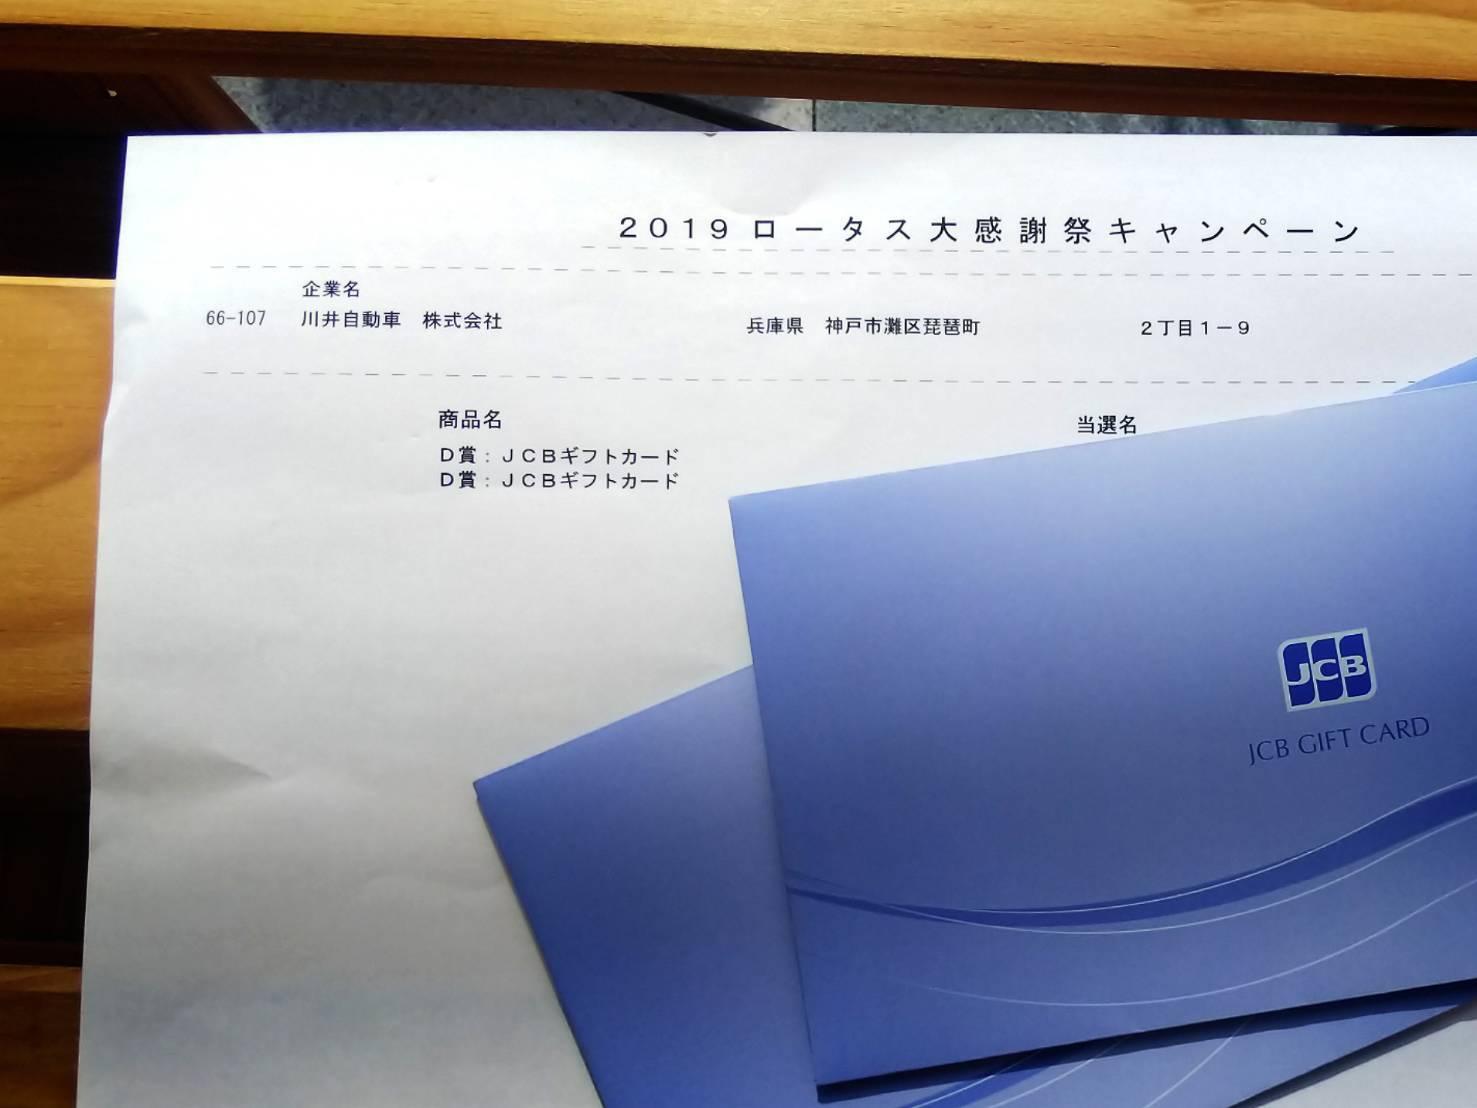 今年も! ご当選おめでとうございます!!_d0013202_10234408.jpg